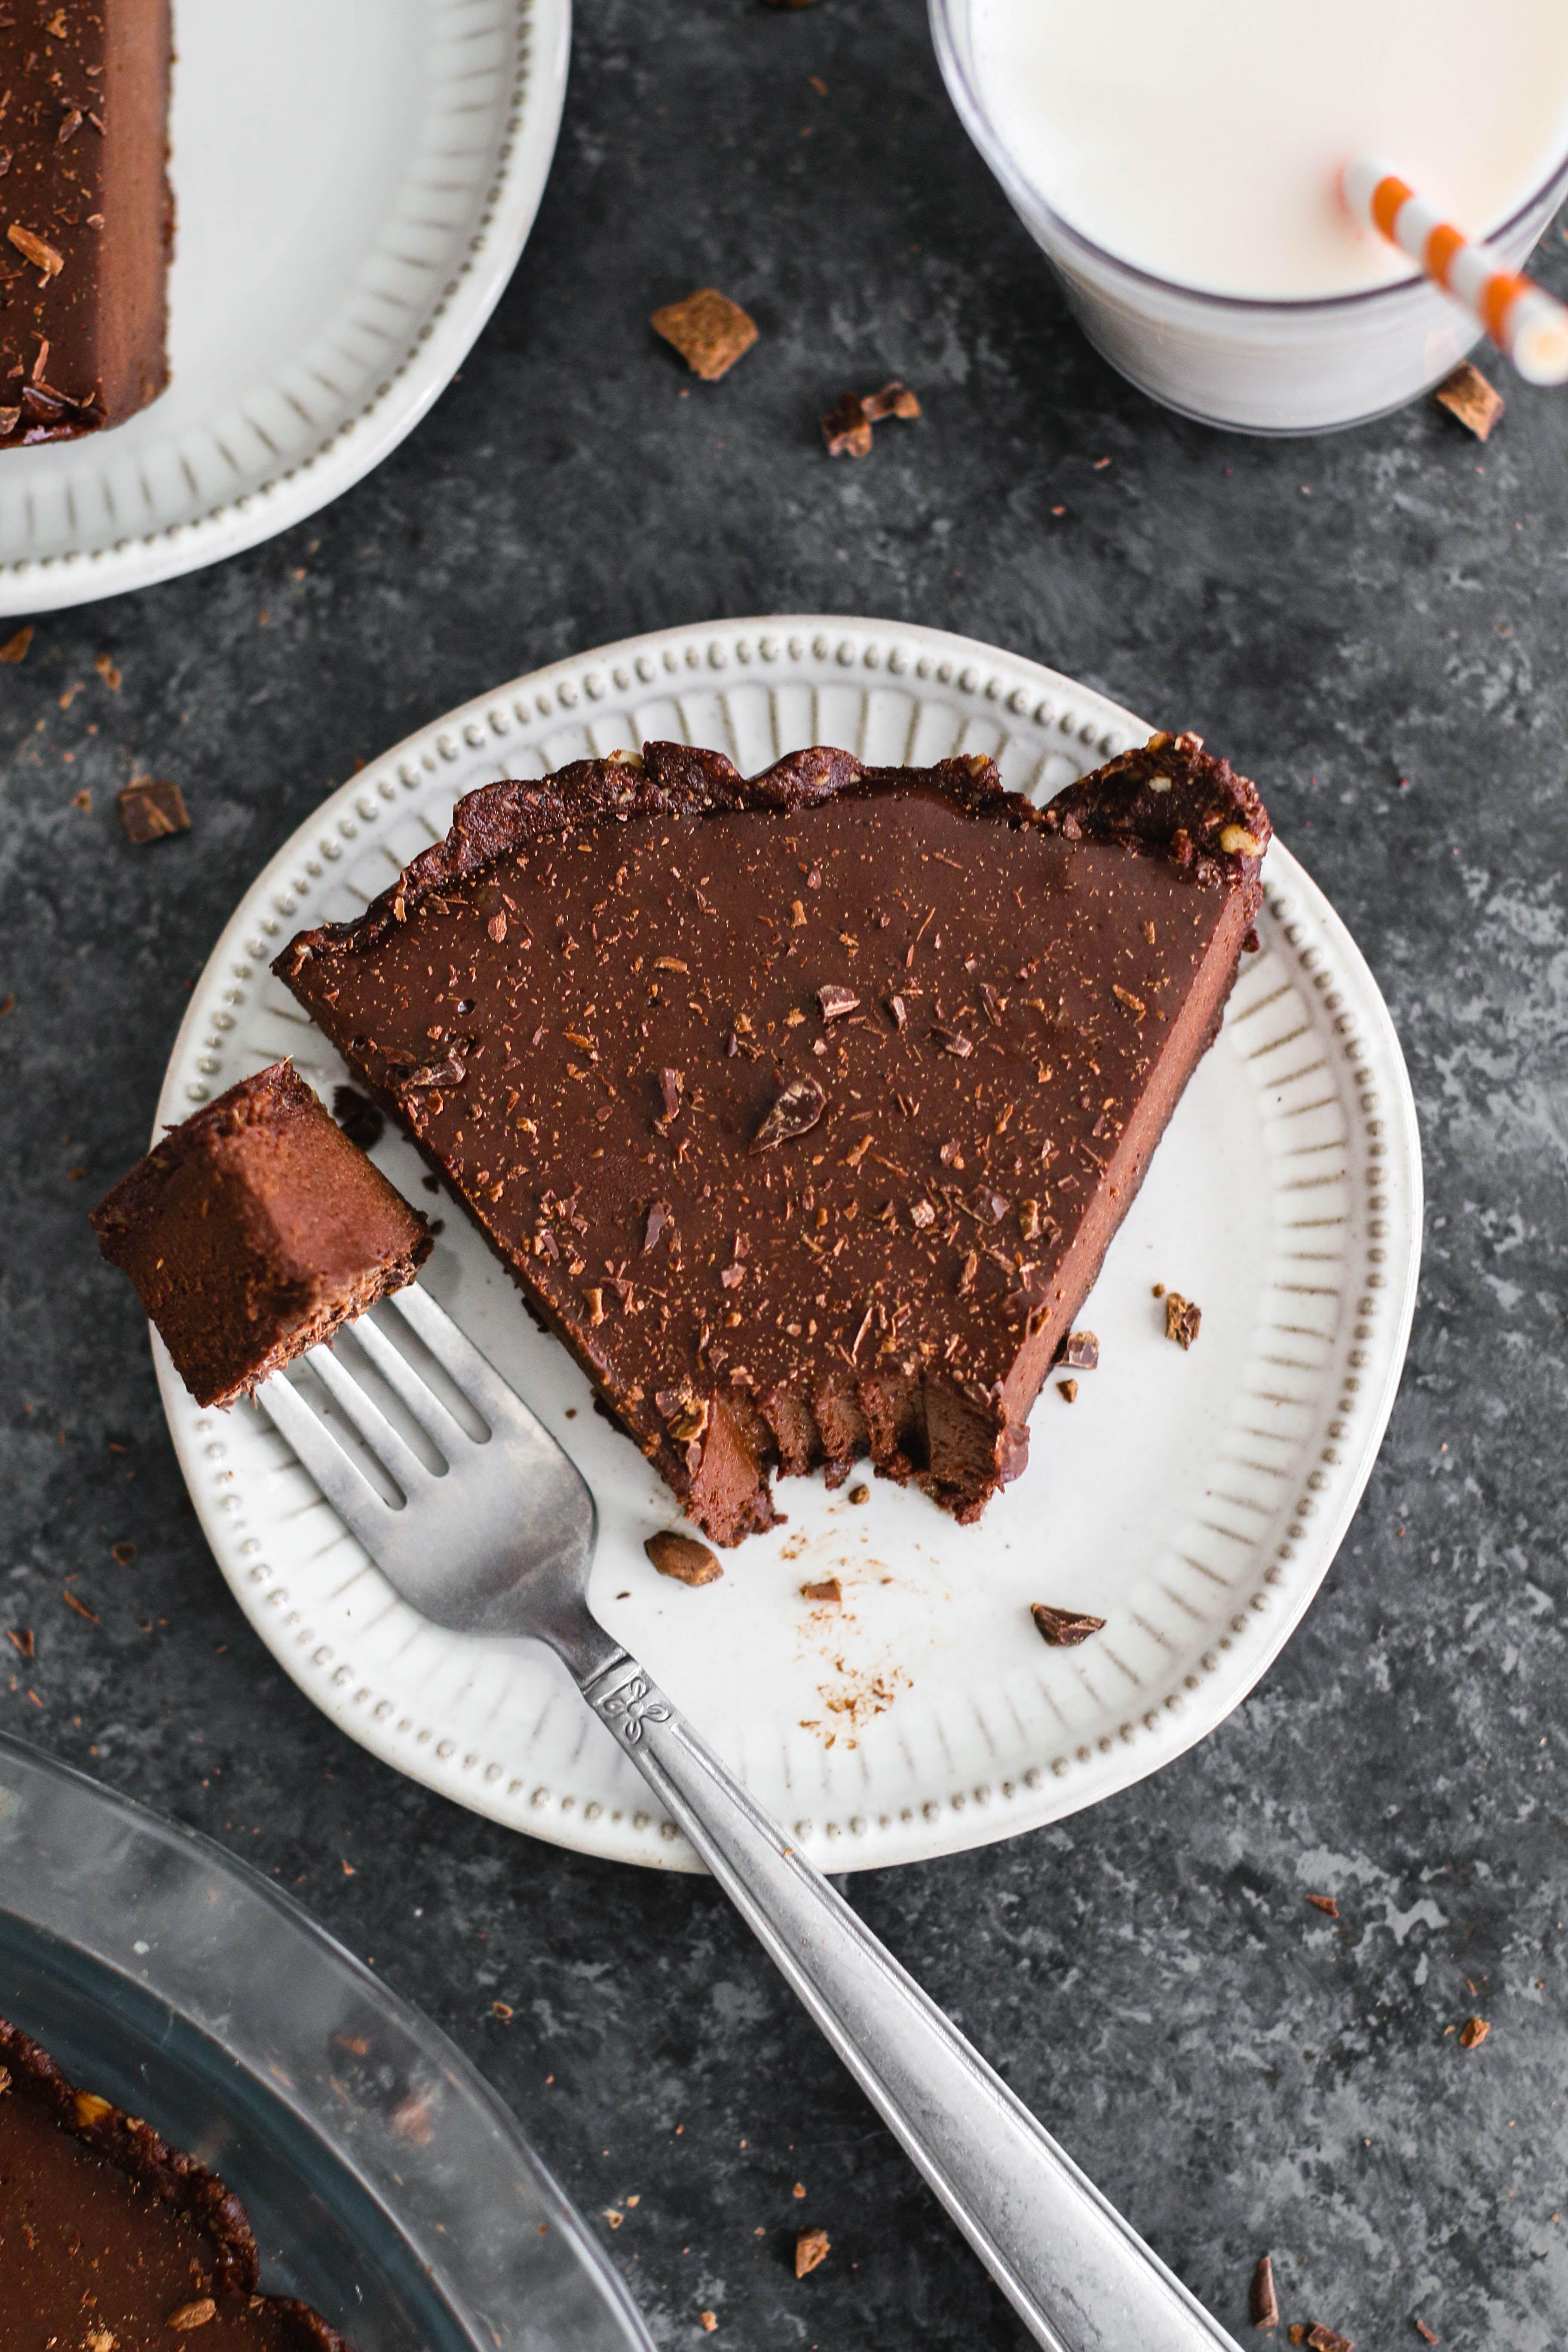 Chocolate Pie 6 Ingredient Vegan Gluten Free Flora Vino Recipe Gluten Free Chocolate Pie Dessert Recipes Delicious Desserts